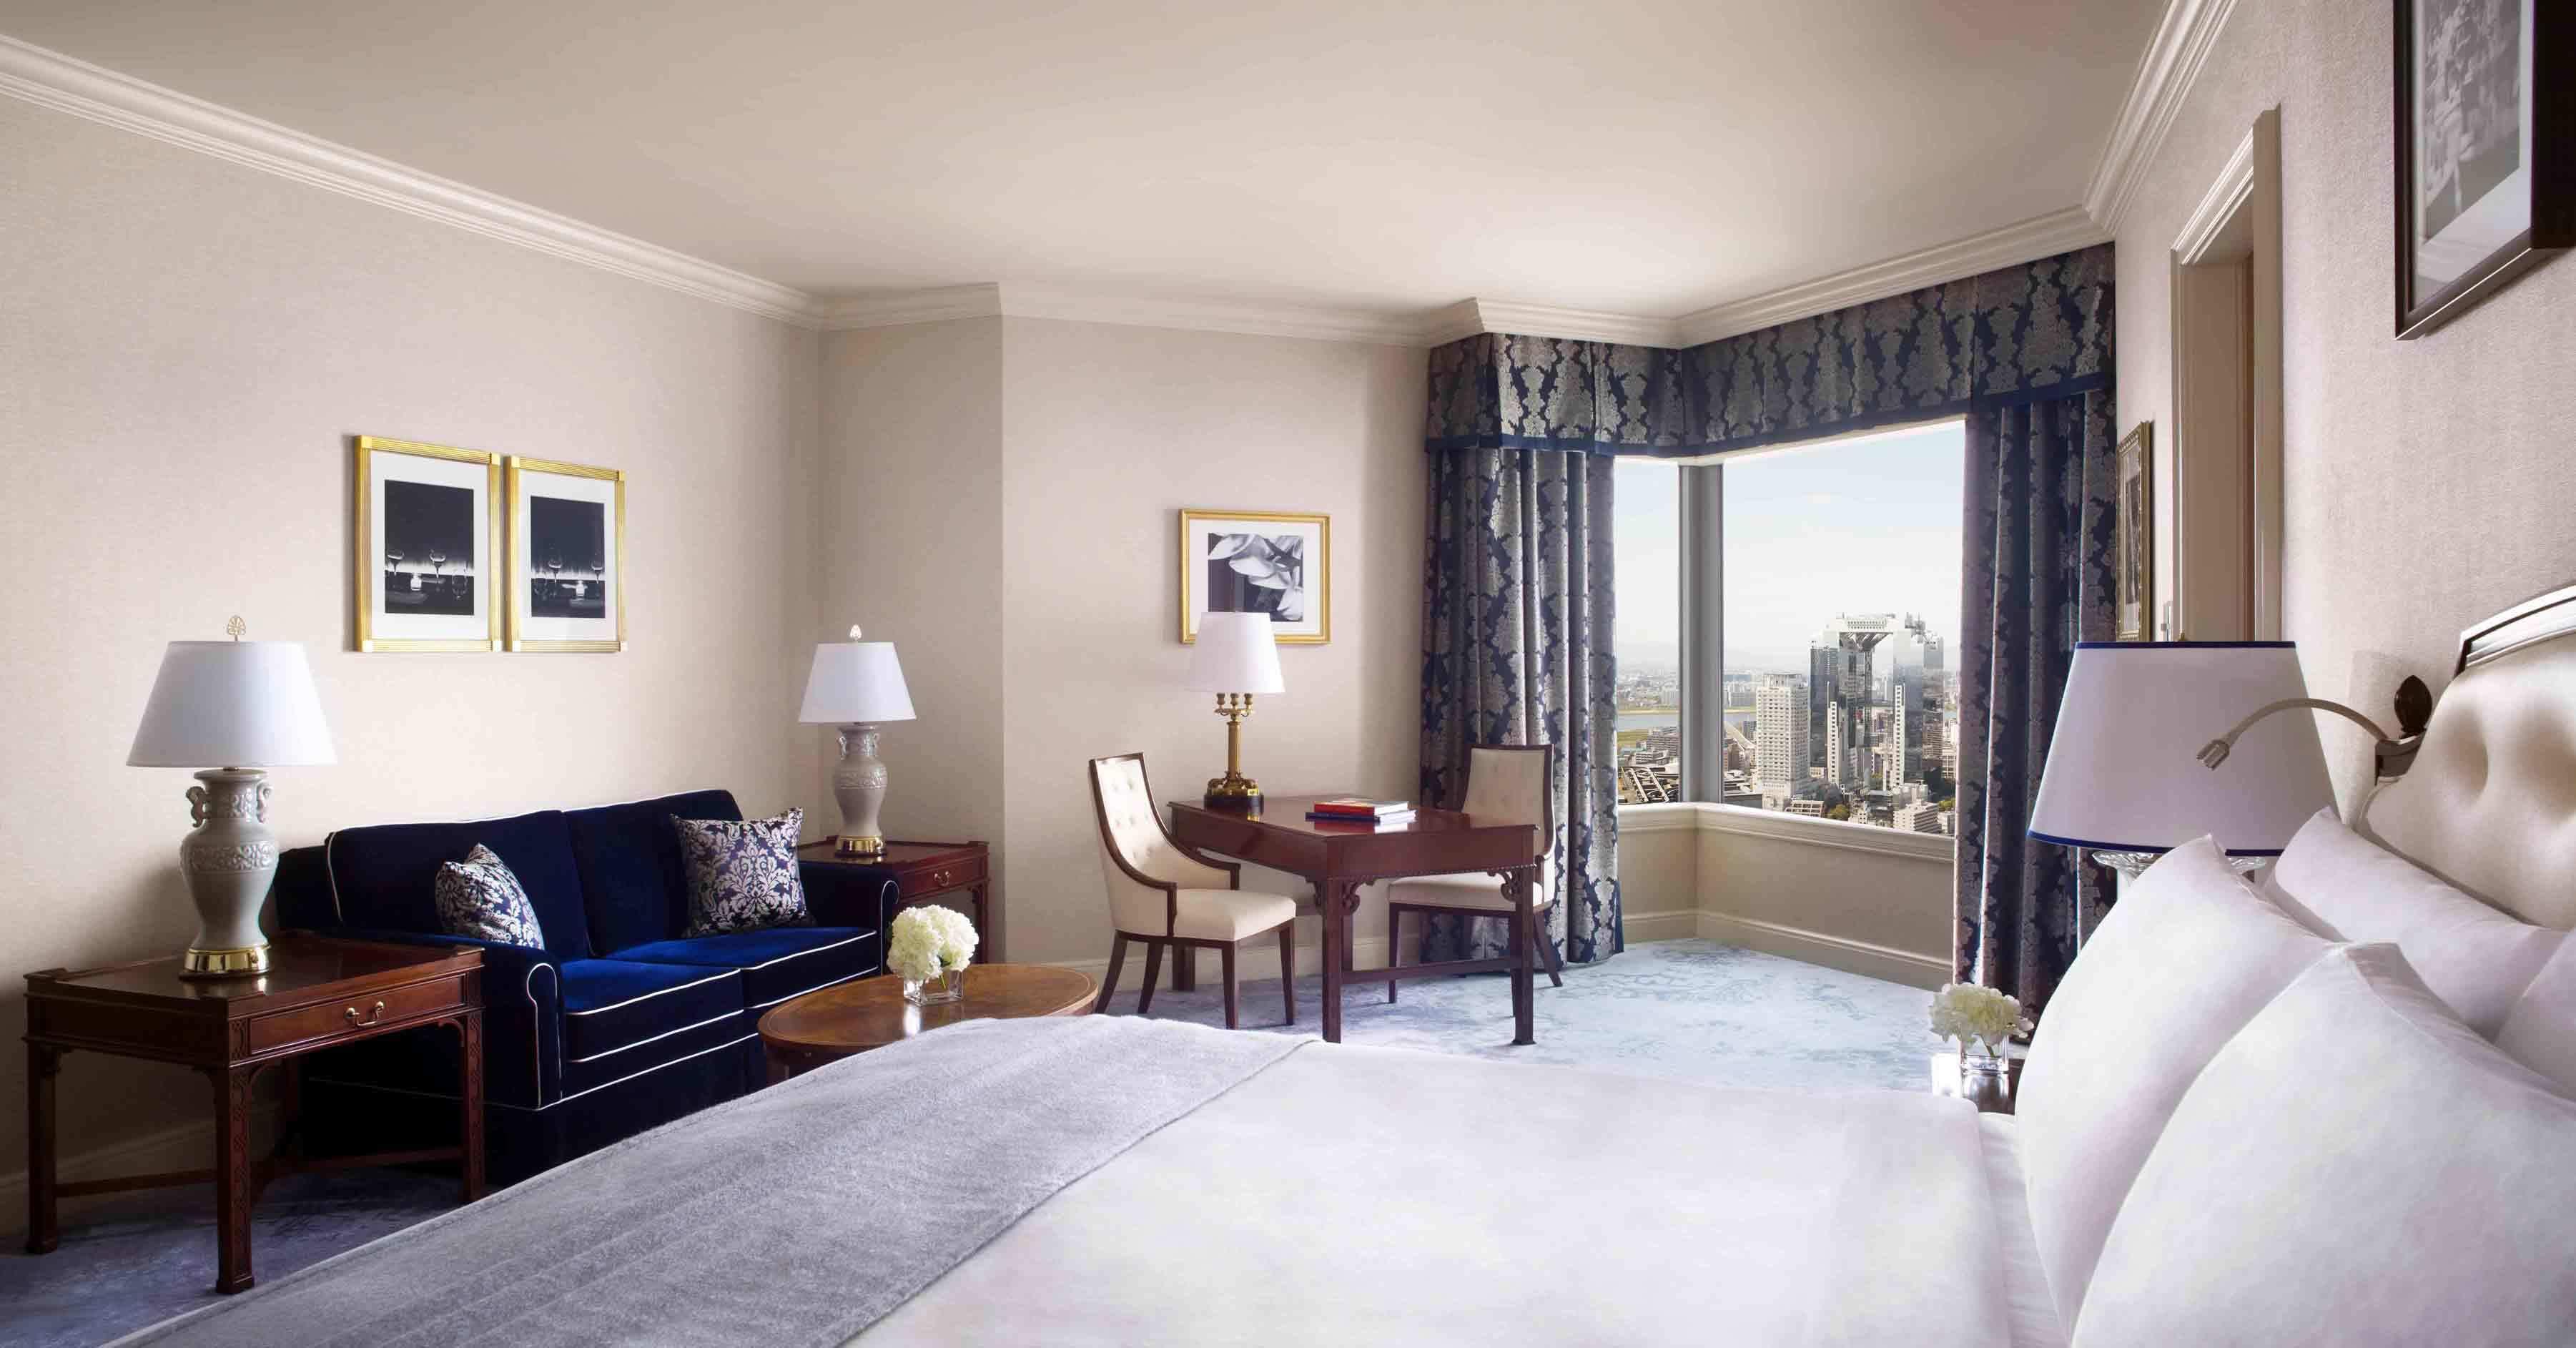 「ラ・プレリー」トリートメントを最高級スイートルームで!美と癒やしを叶える100万円宿泊プラン_1_5-1